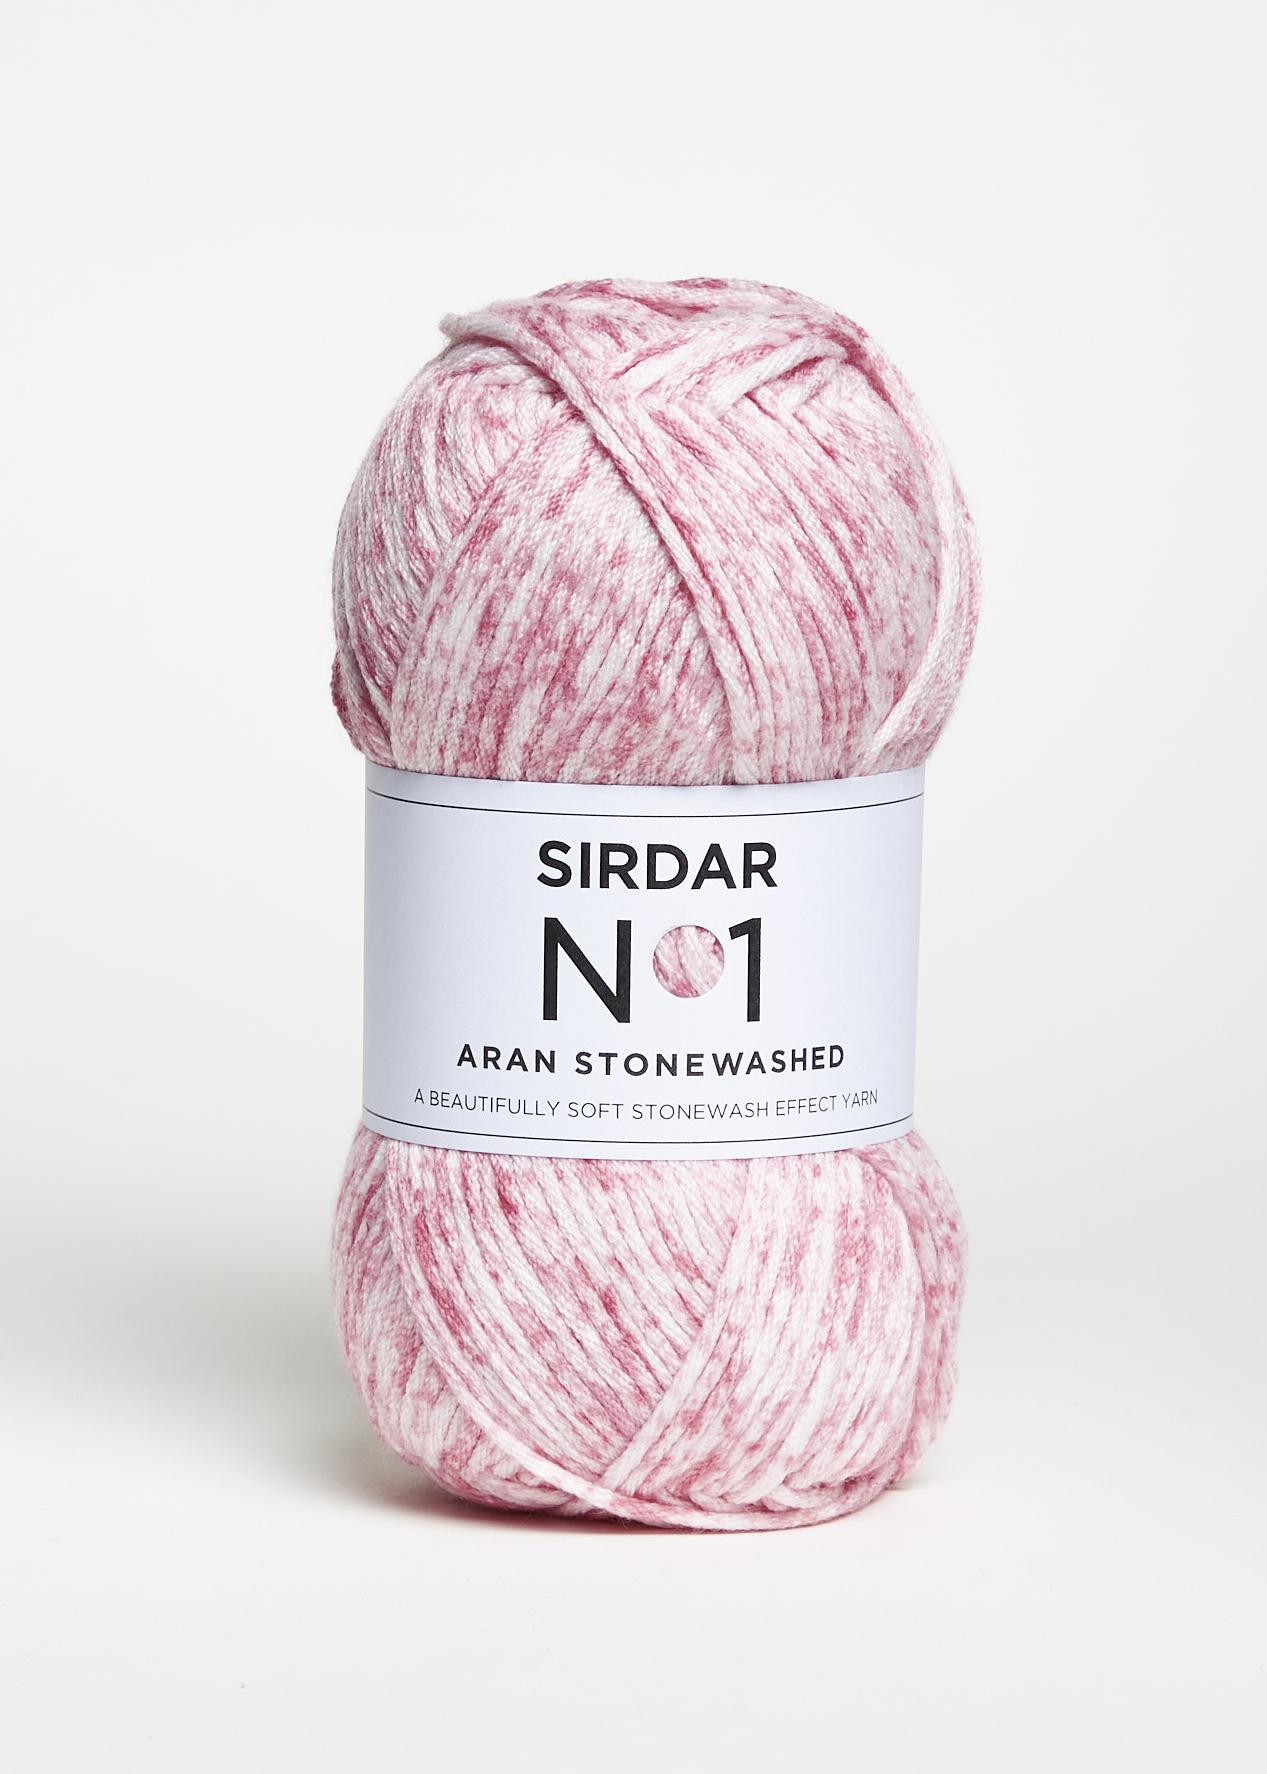 Sirdar No.1 Aran Stonewashed product image